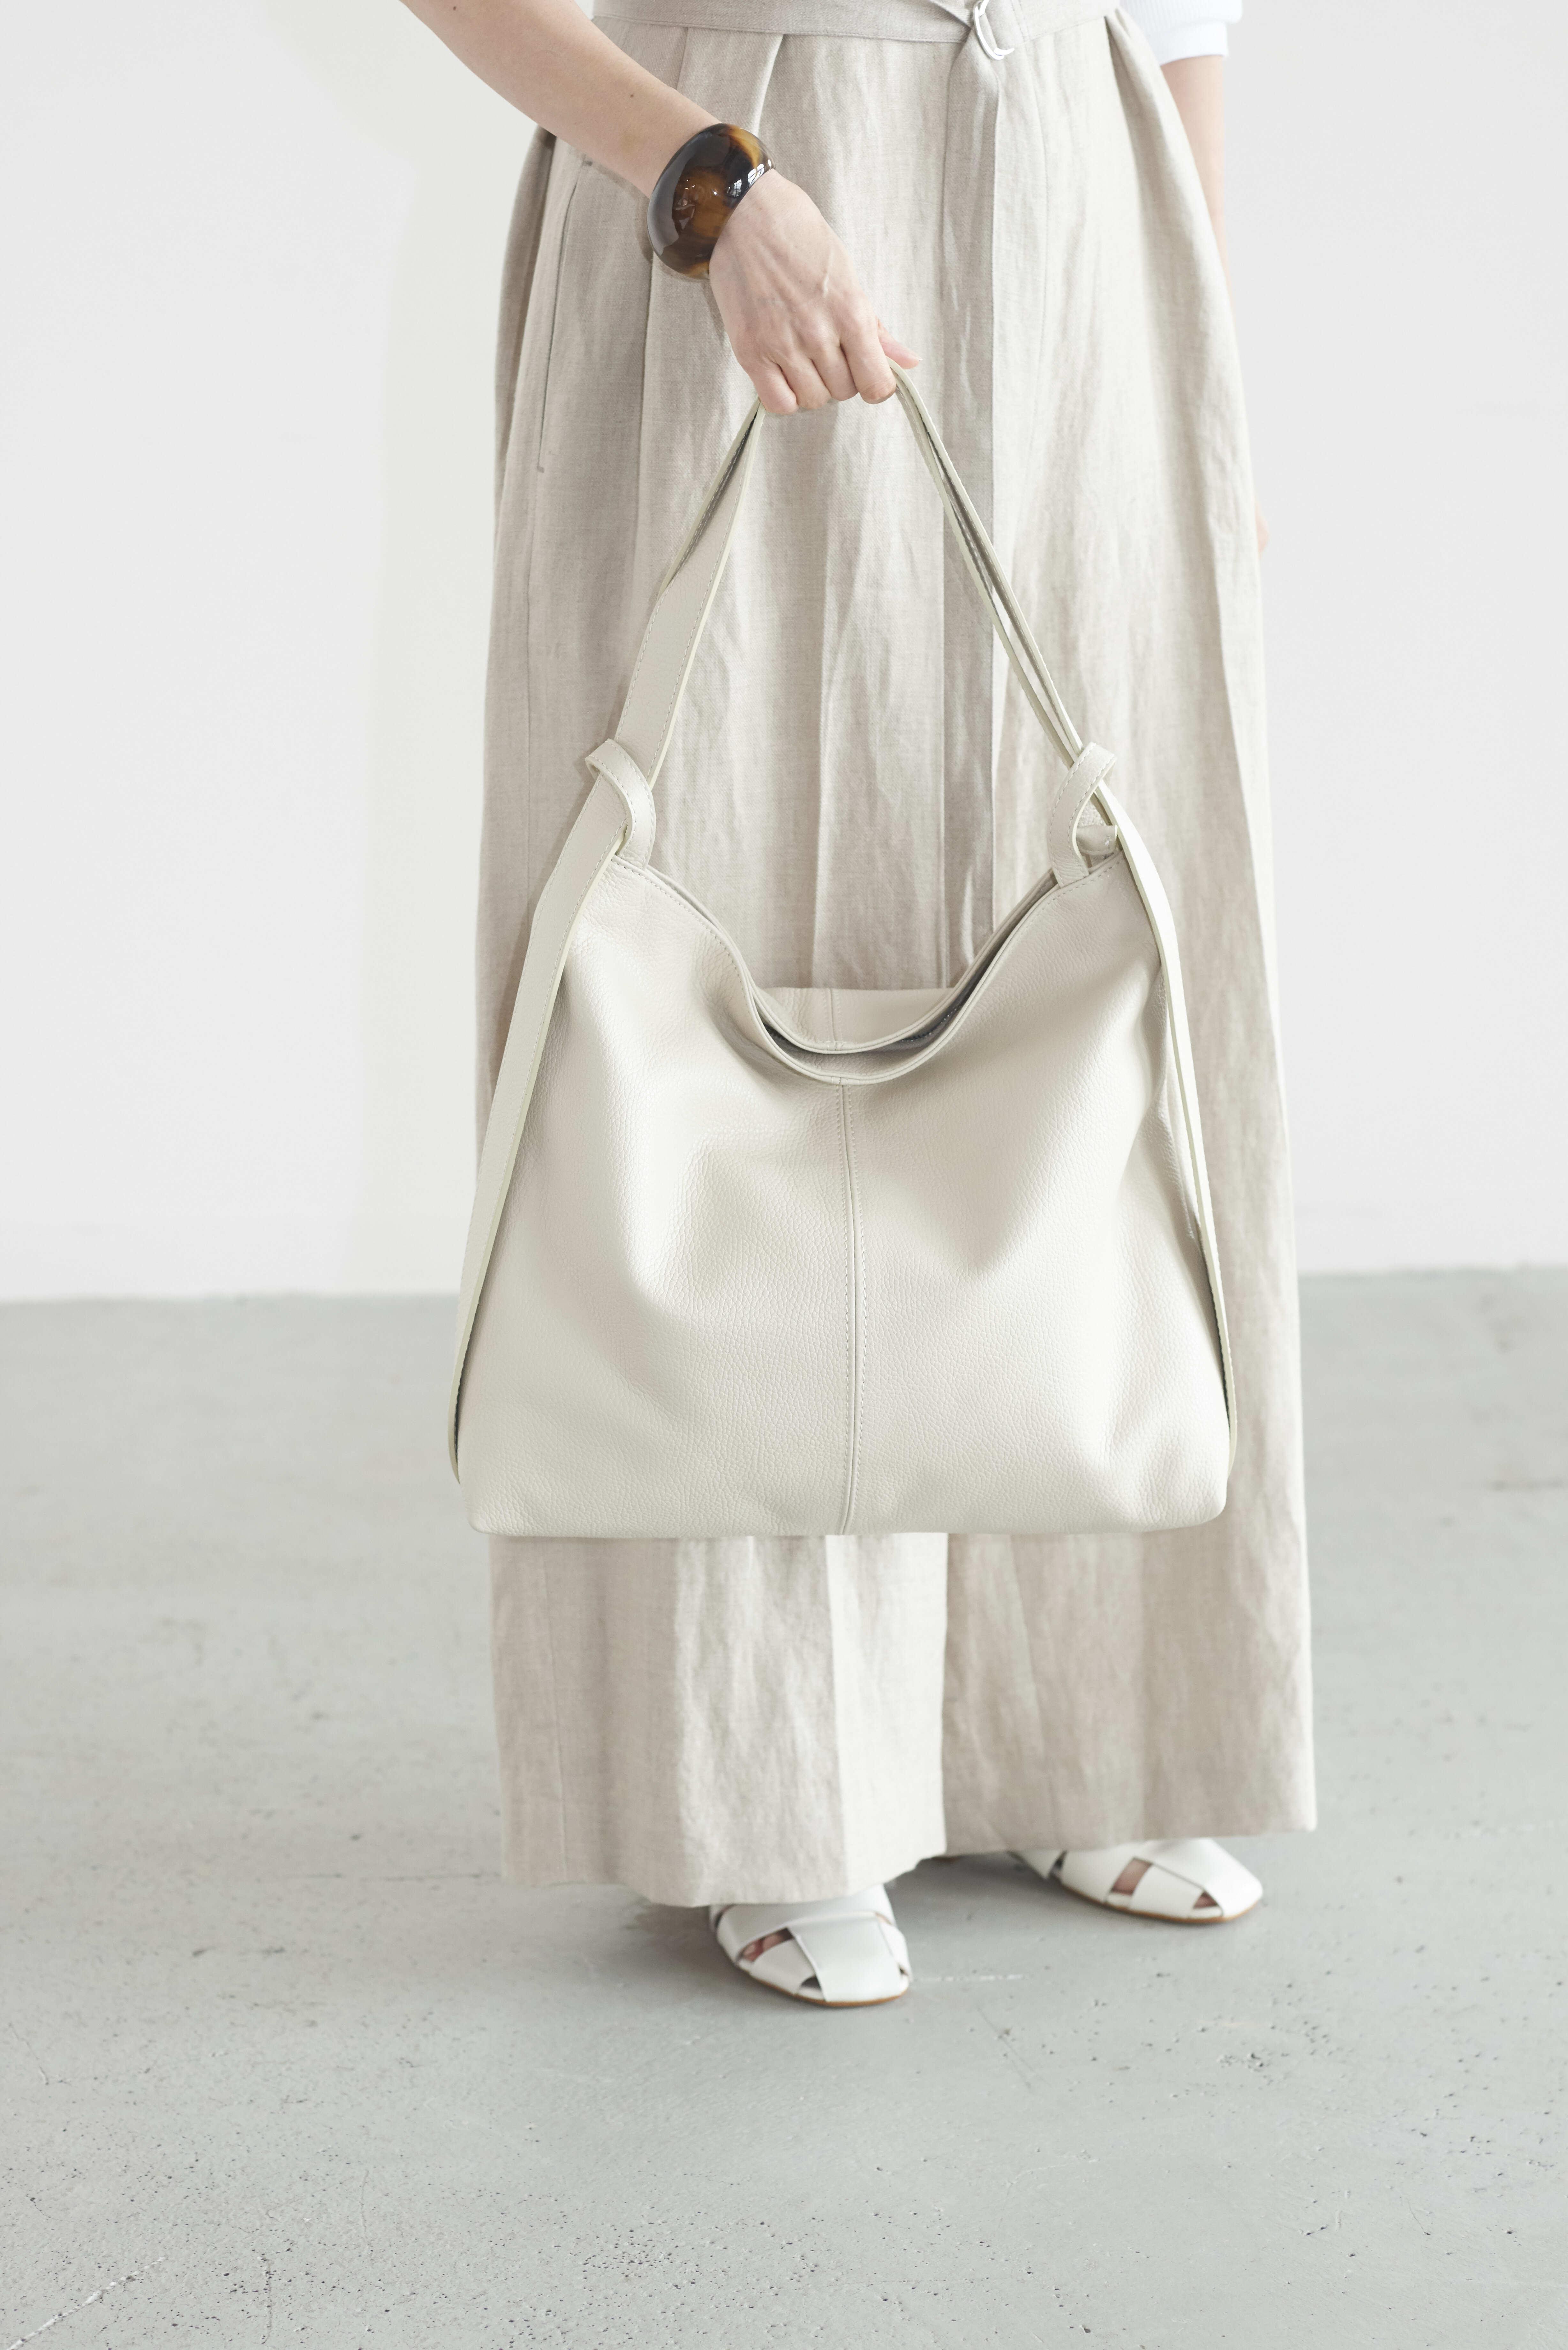 CAVALIERE shoulder bag